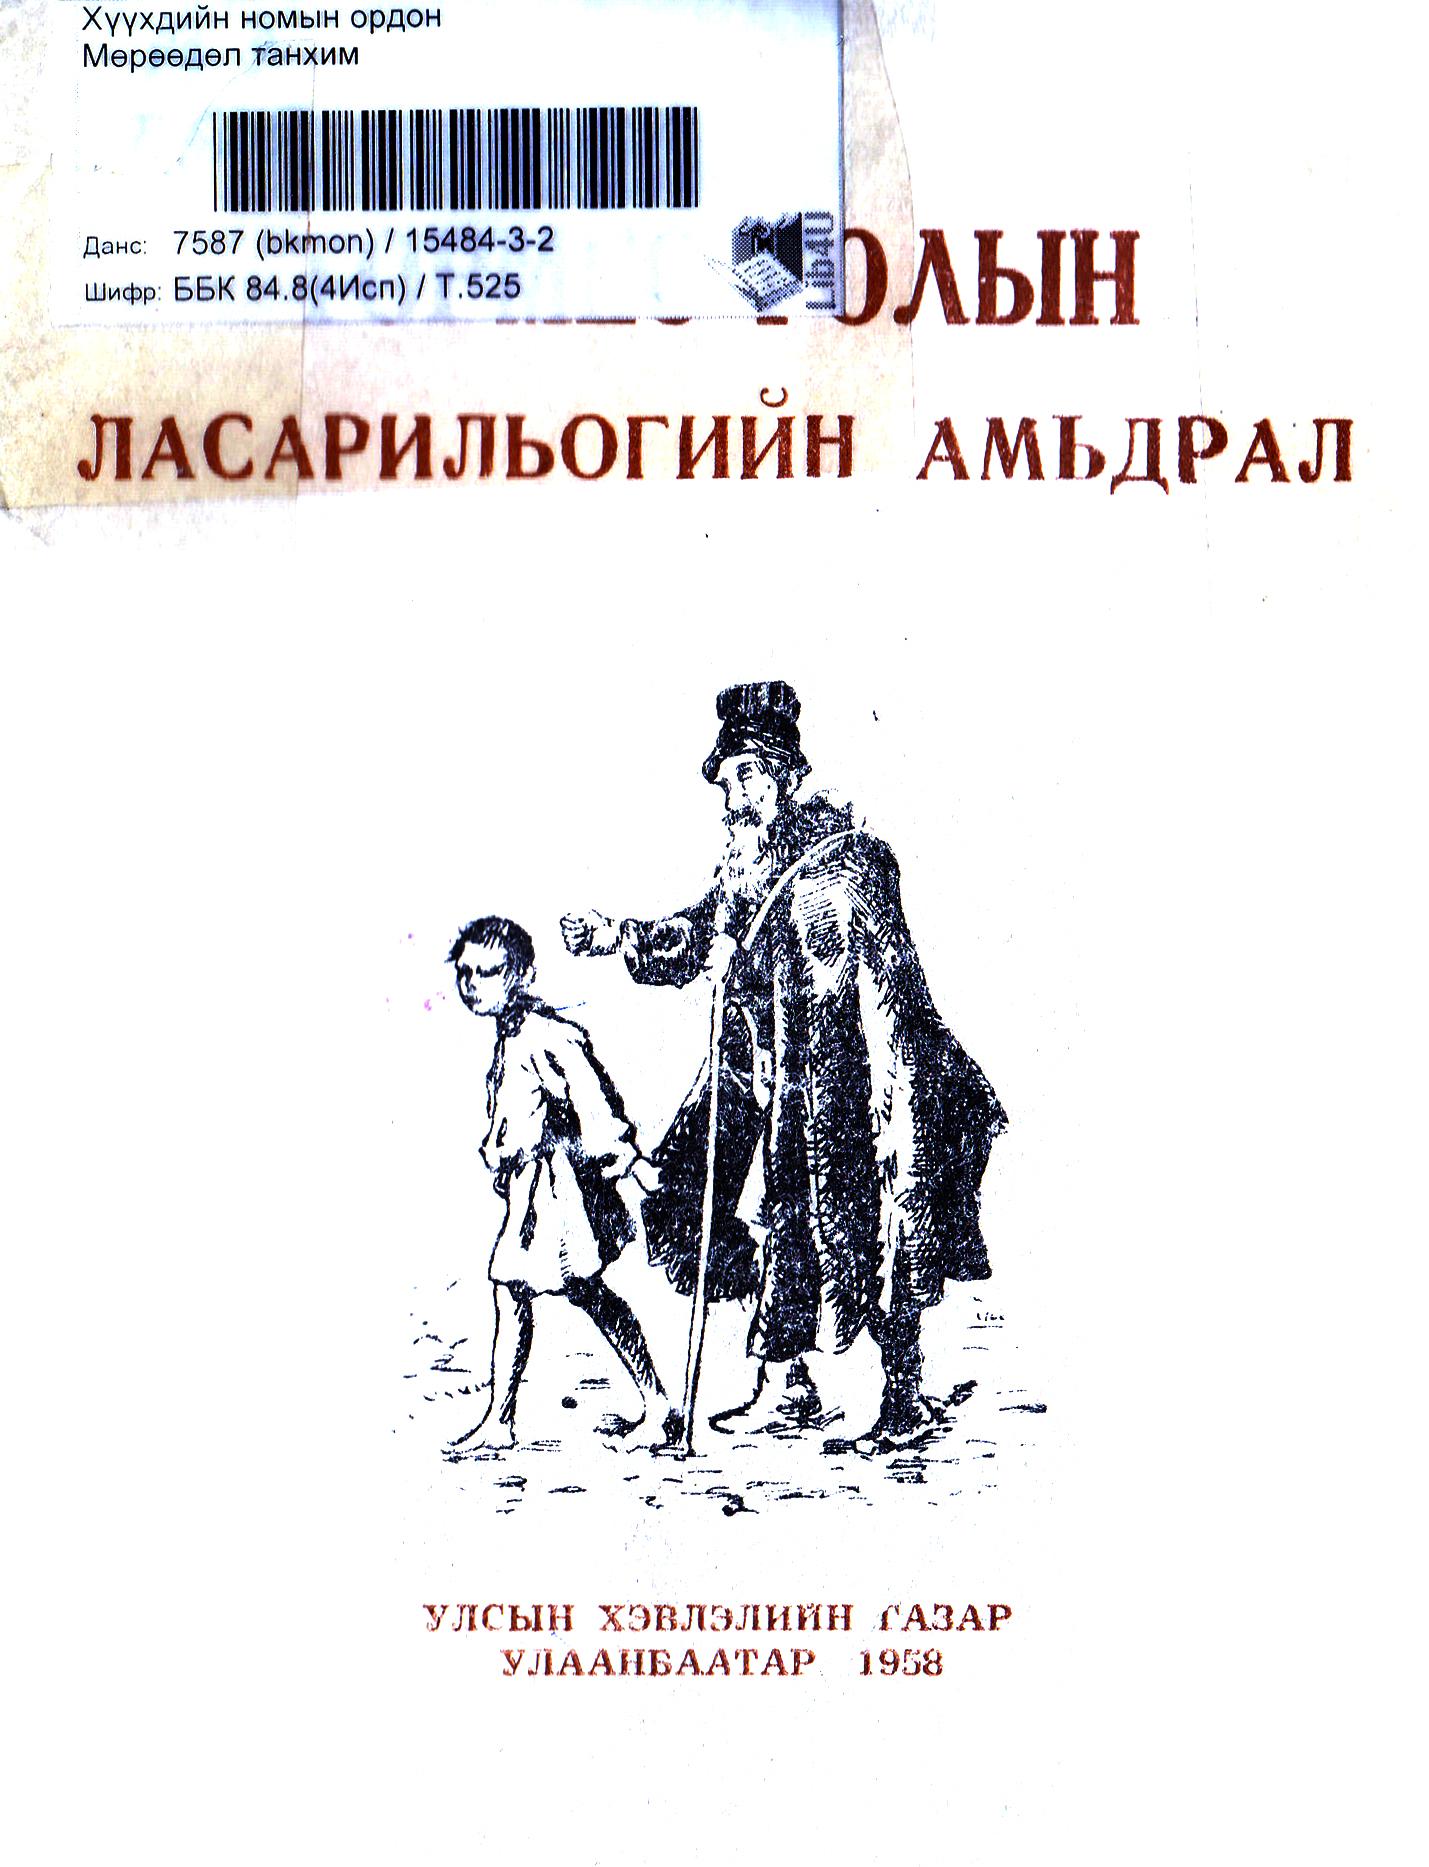 ТОРМЕС ГОЛЫН ЛАСАРИЛЬОГИЙН АМЬДРАЛ